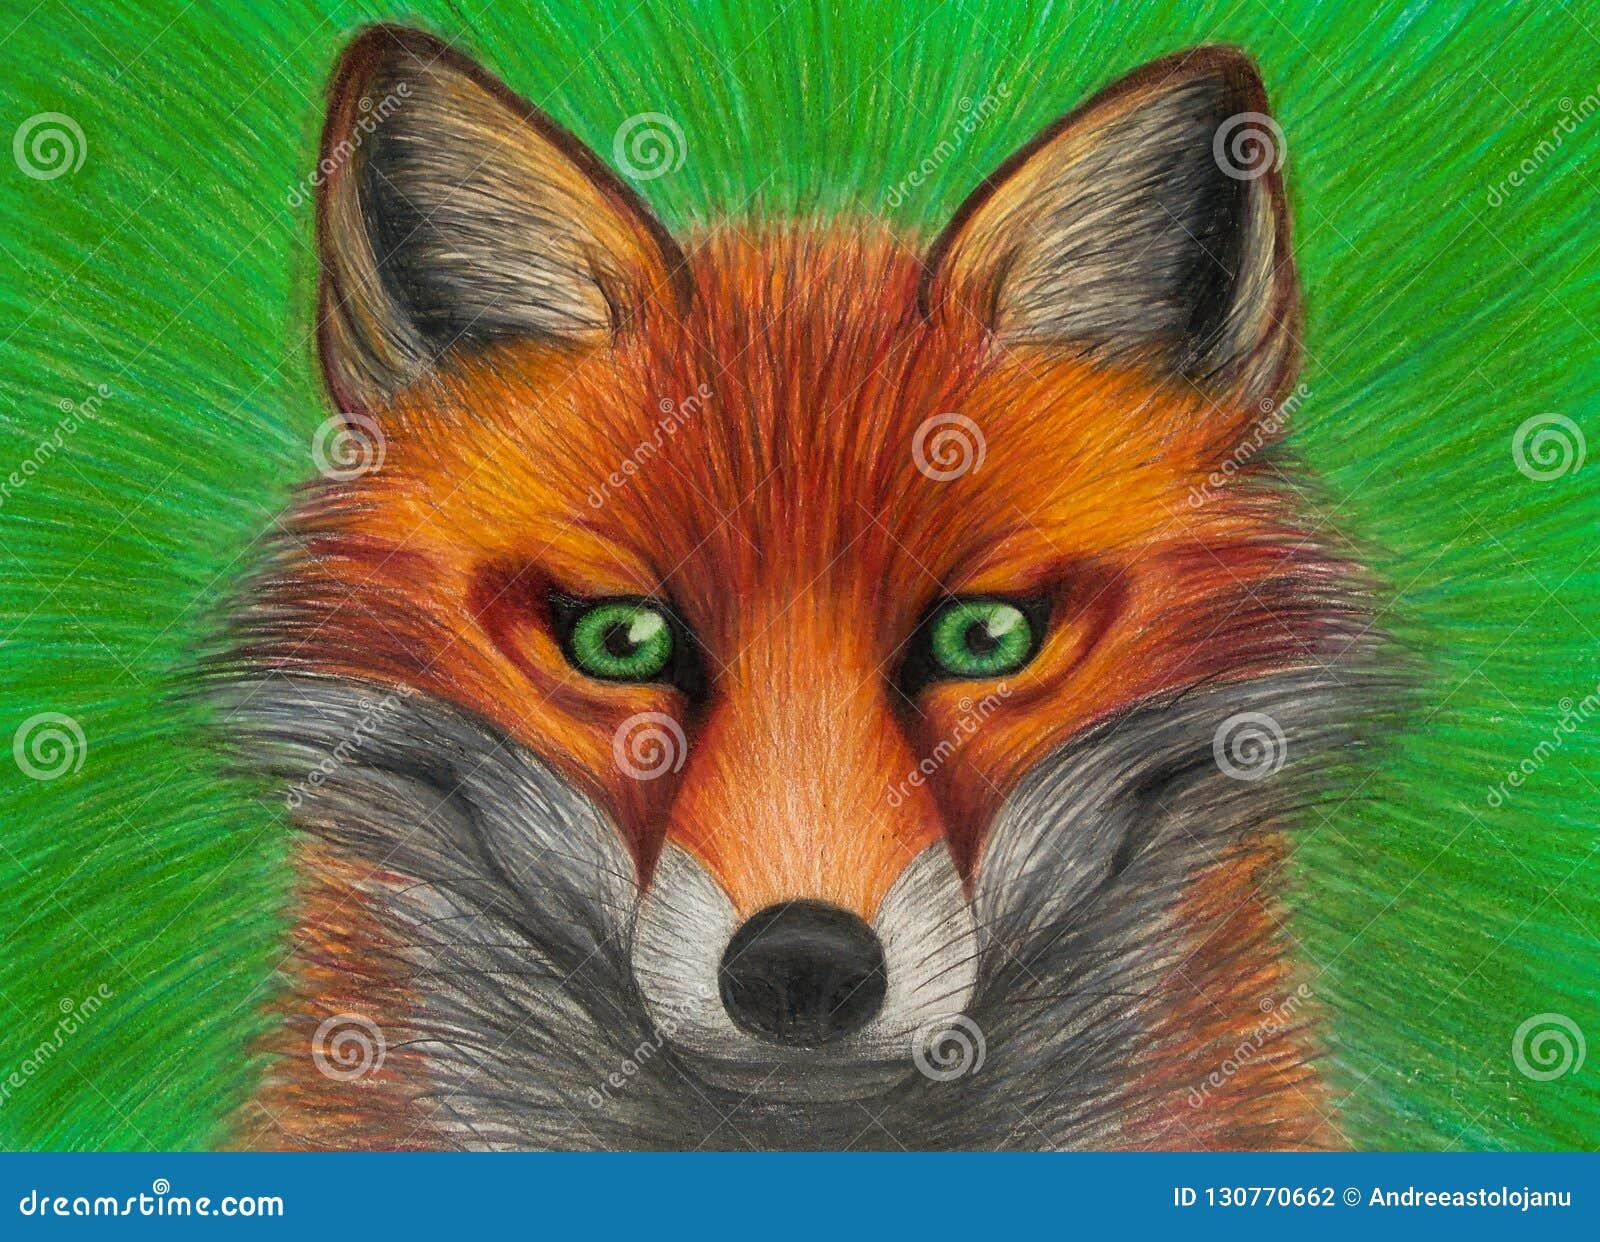 Disegno Del Ritratto Della Volpe Rossa Con Gli Occhi Verdi Su Fondo